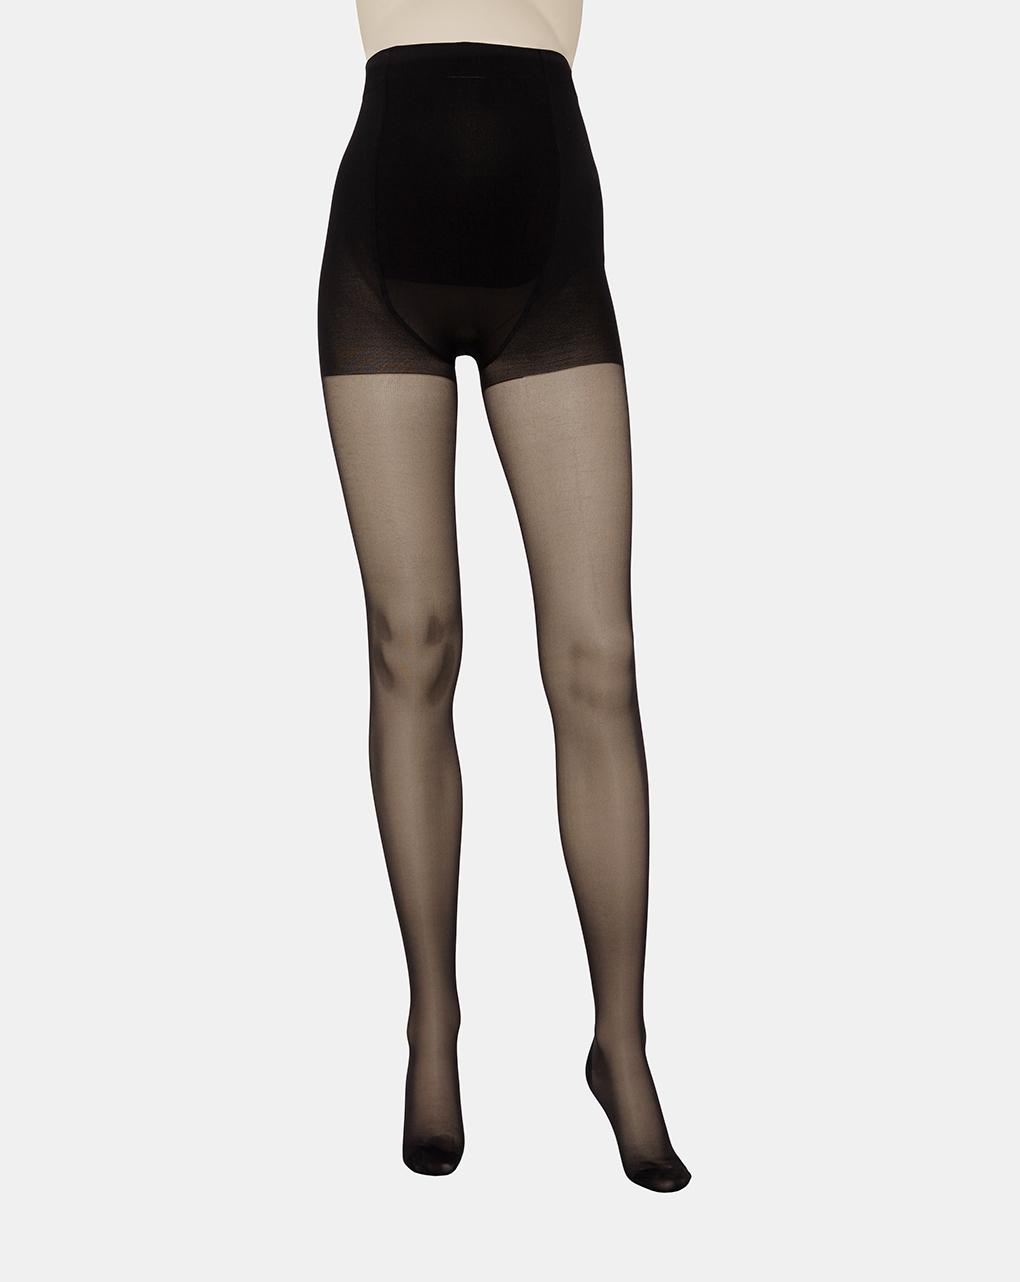 Meia-calça relaxante 70 den preto - Prénatal